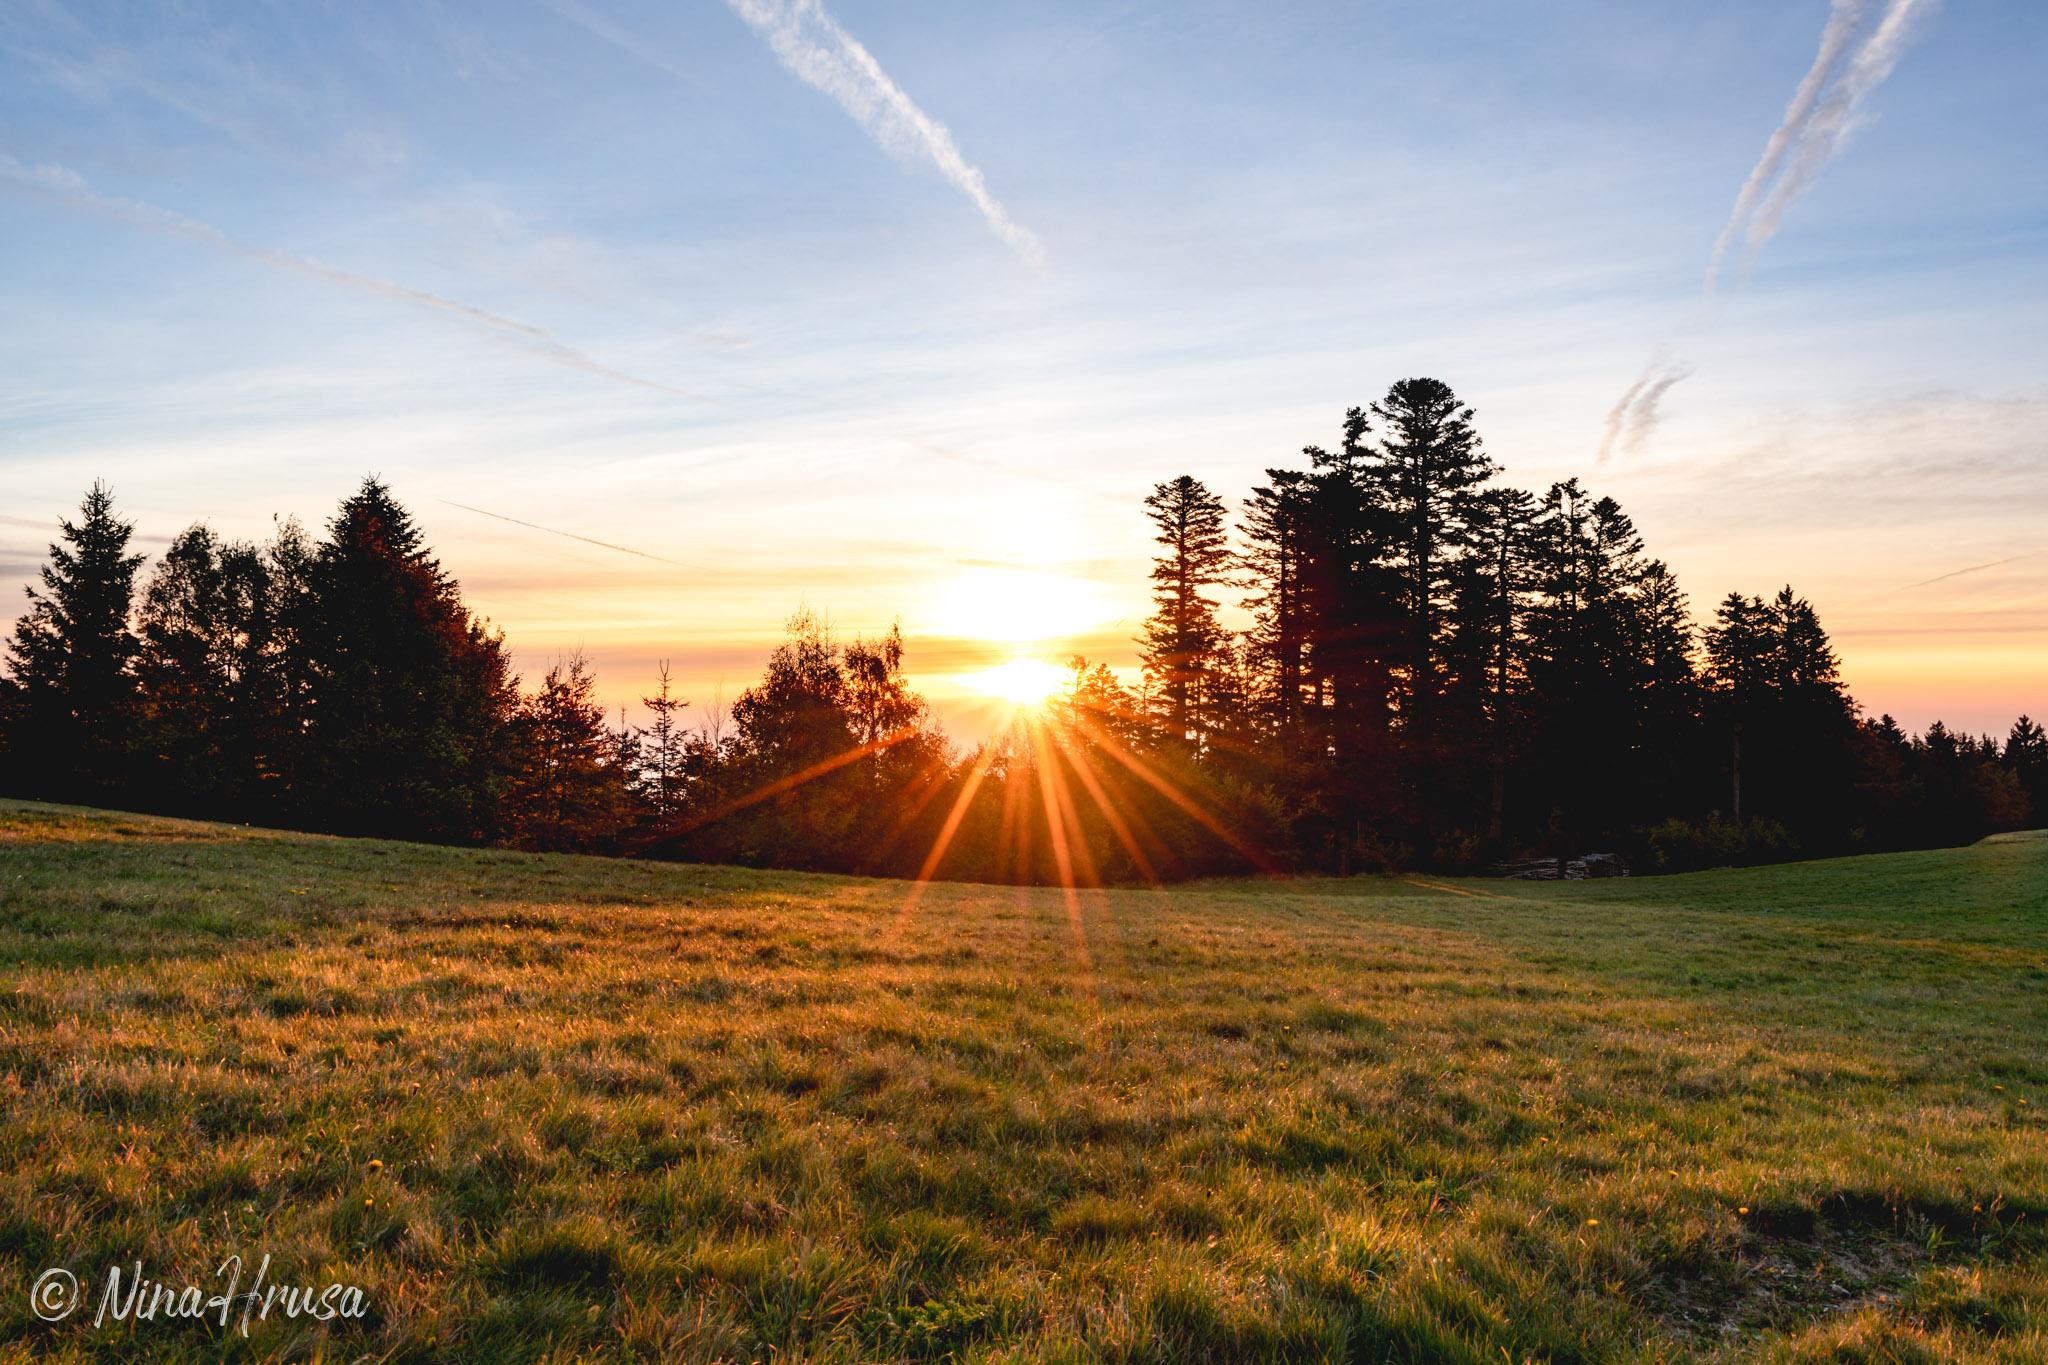 Sonnenaufgang im Spätsommer, Pöllauberg, Oststeiermark, Zwischenmomente | Nina Hrusa Photography